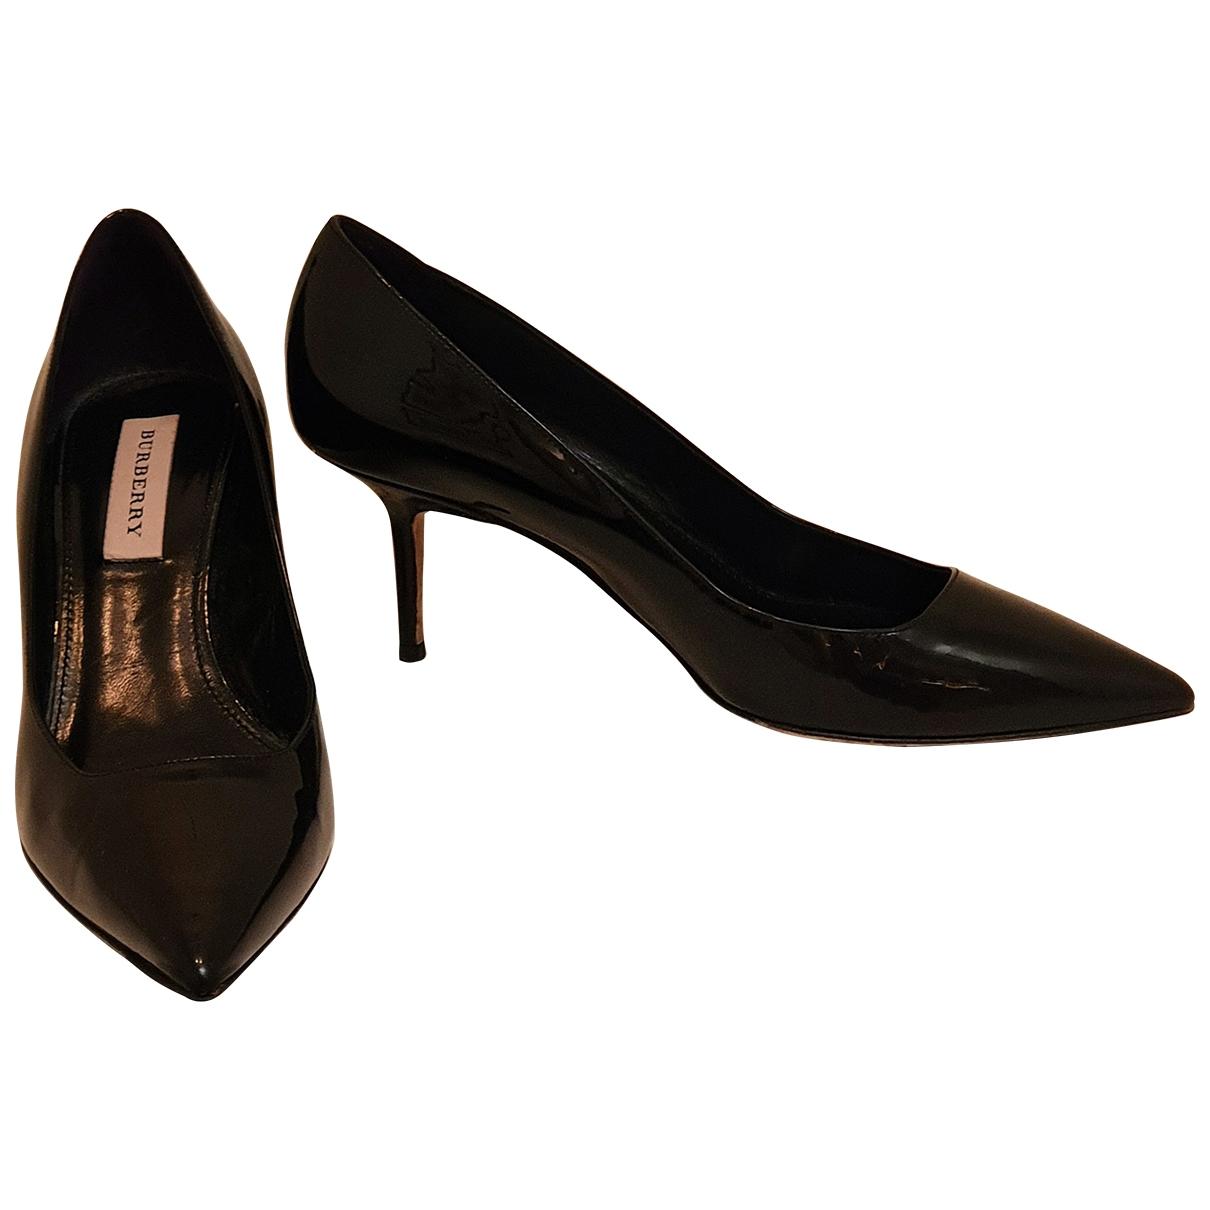 Burberry - Escarpins   pour femme en cuir verni - noir